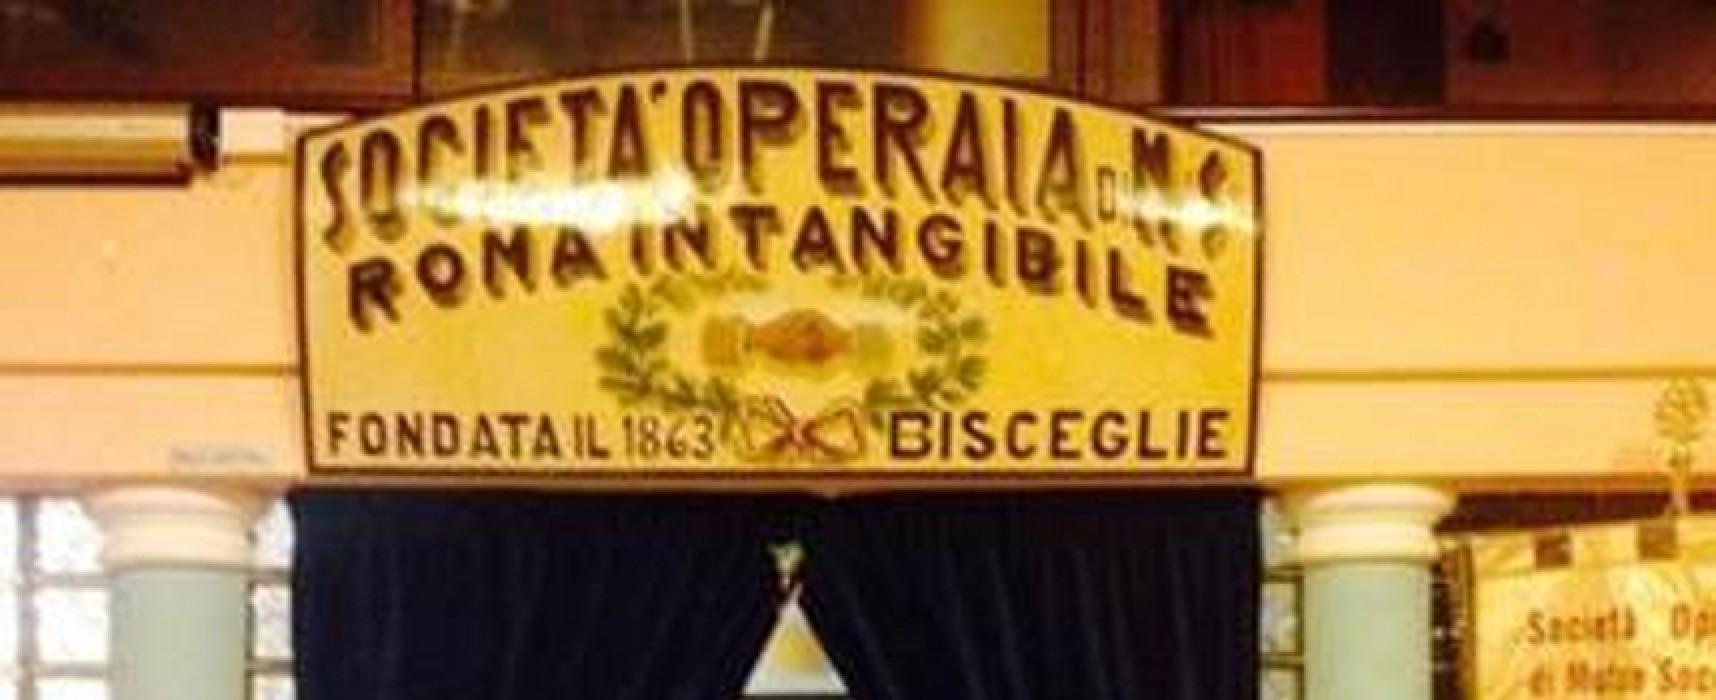 """Cittadino e pubblica amministrazione al centro dell'incontro organizzato da """"Roma Intangibile"""""""